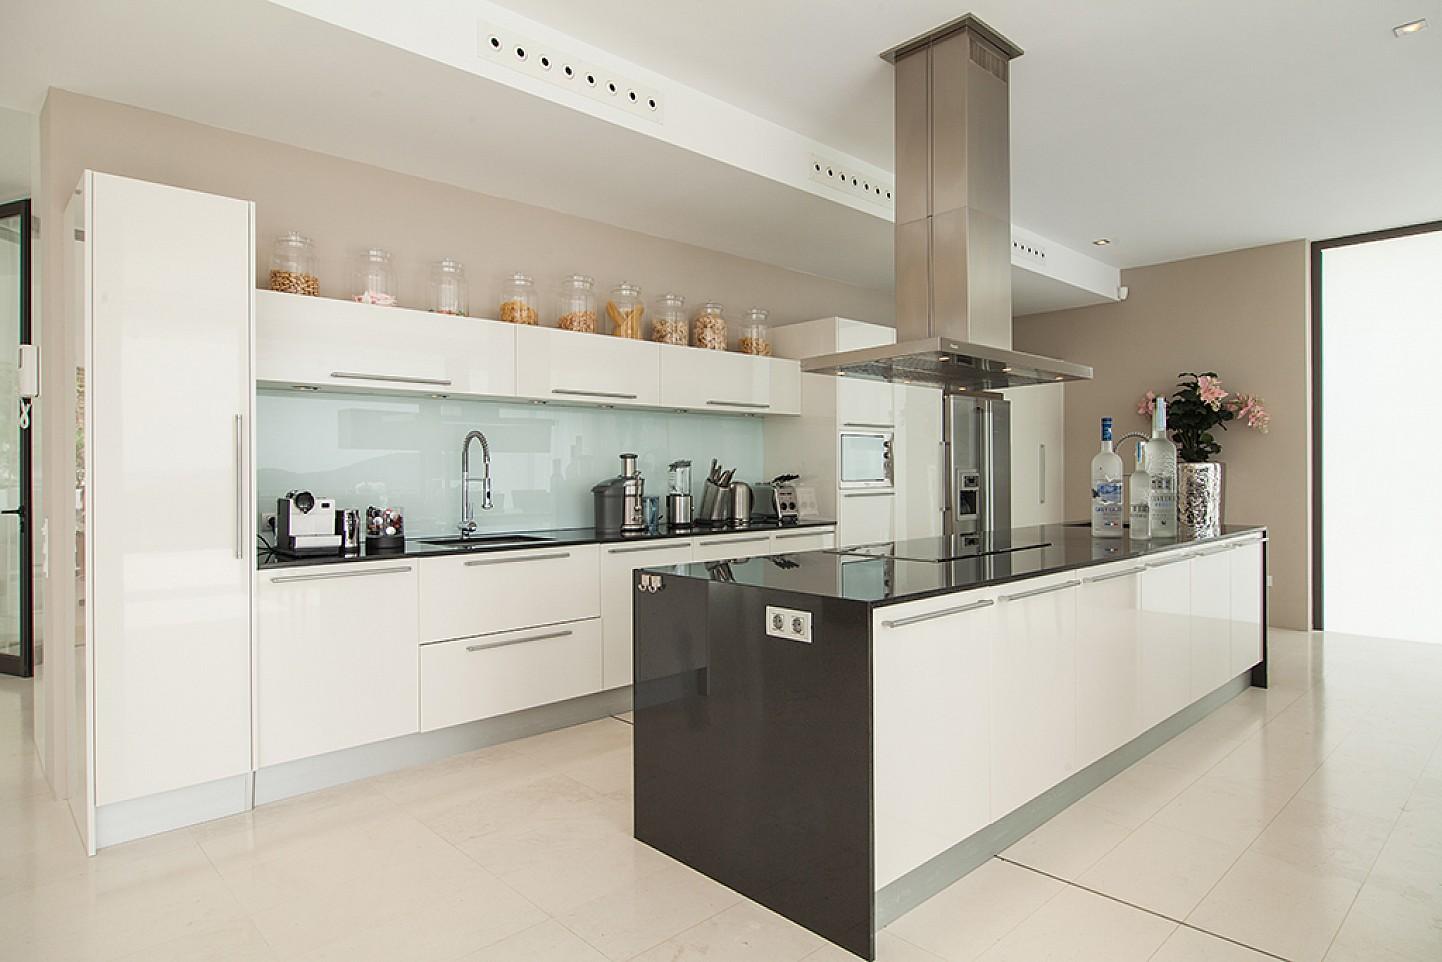 Offene voll ausgestattete Küche